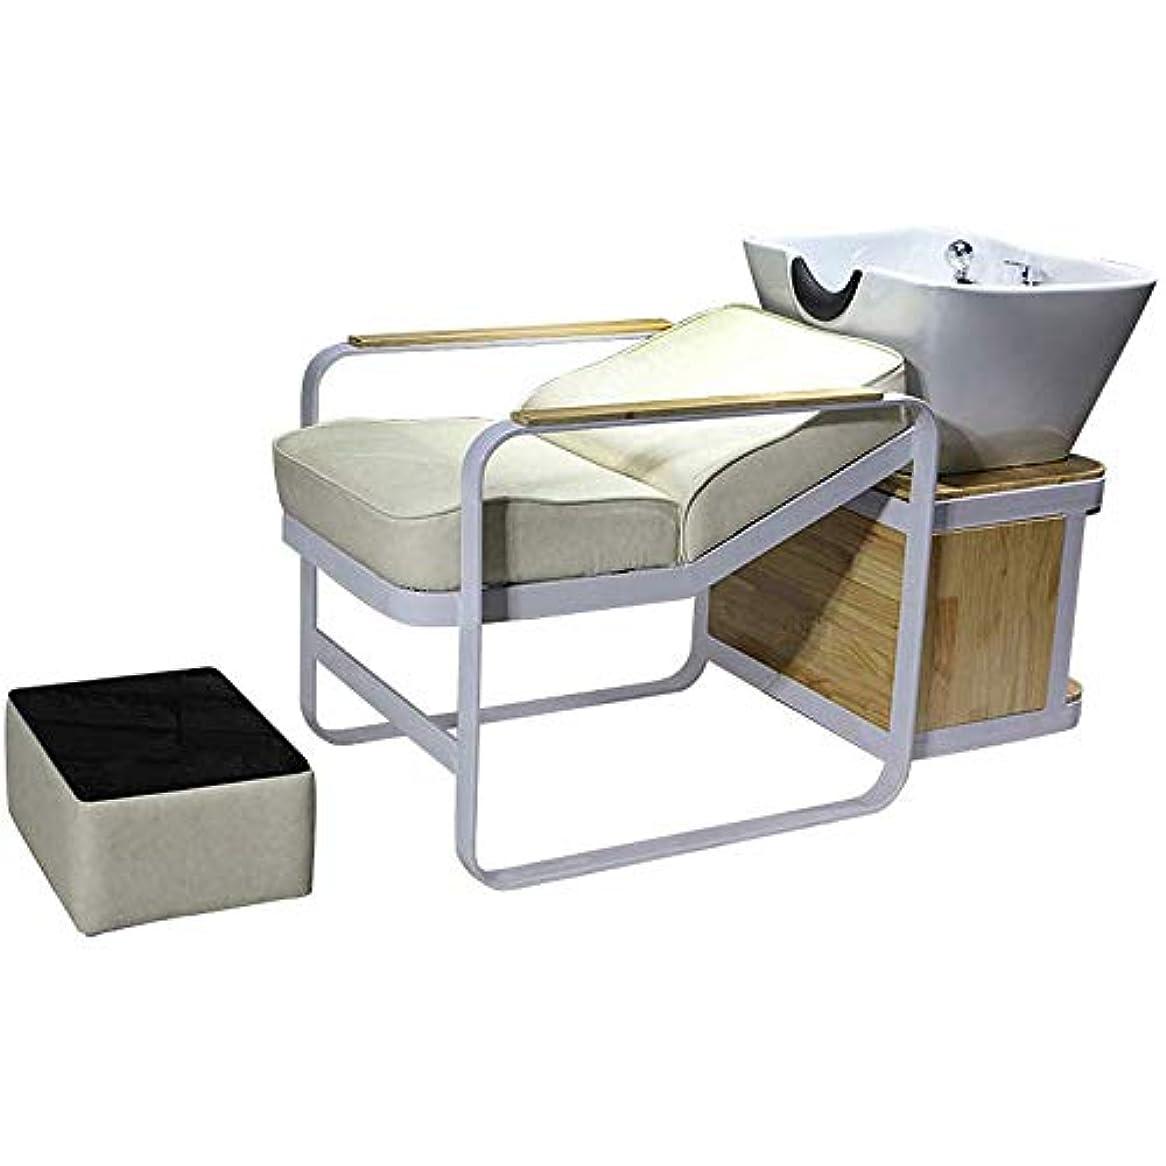 統計腰なめらかなシャンプーバーバー逆洗椅子、スパビューティーサロン装置のための逆洗ユニットシャンプーボウル理髪シンクチェア